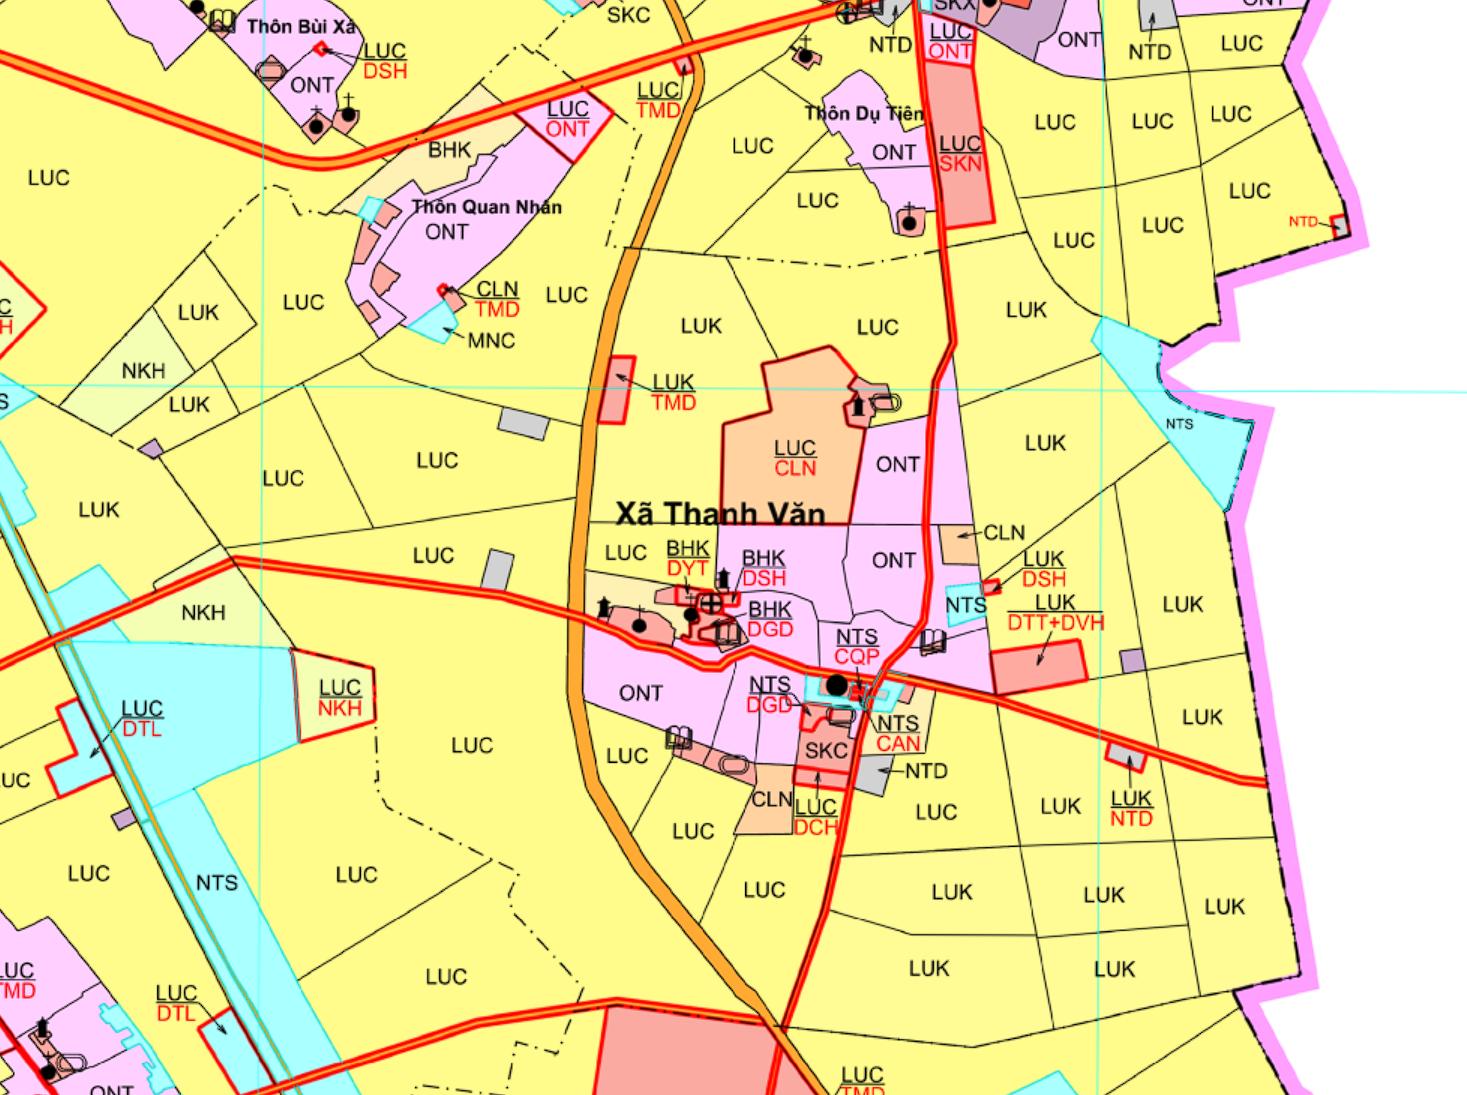 Bản đồ quy hoạch sử dụng đất xã Thanh Văn, Thanh Oai, Hà Nội - Ảnh 2.